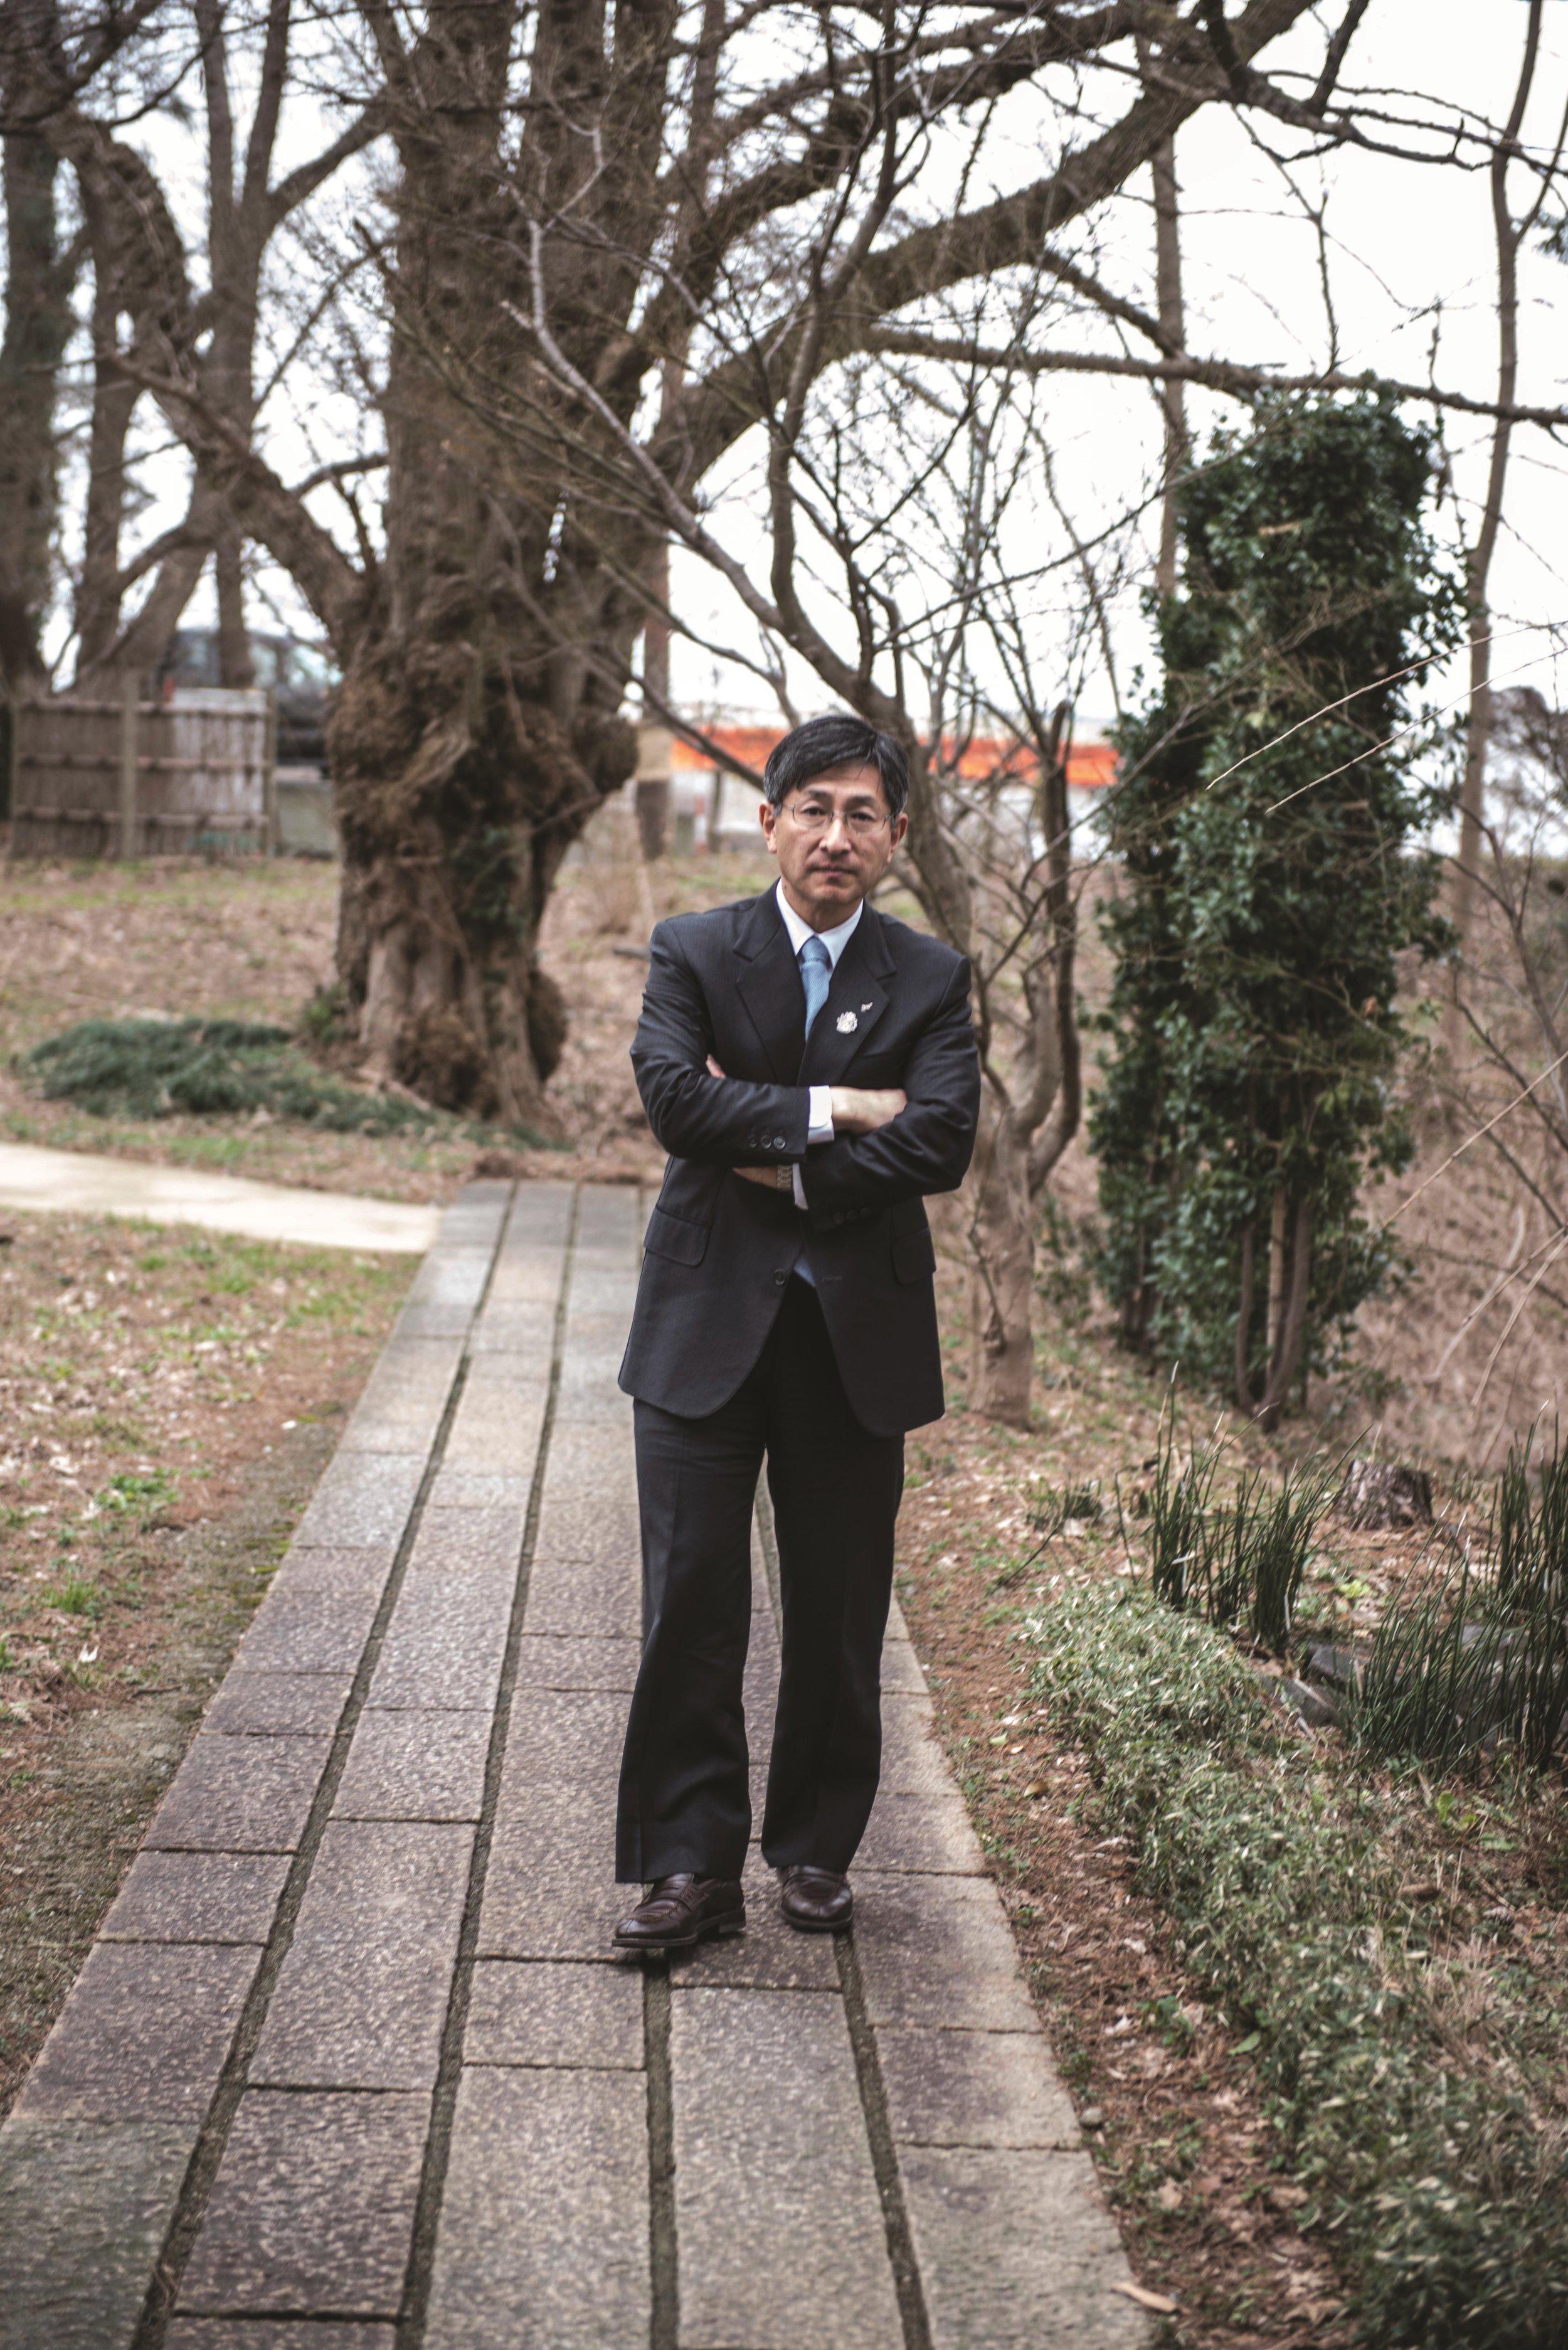 Daisuke Takasawa, current owner of Kikusui. Image by Jason M. Lang, courtesy of Gatehouse Publishing.